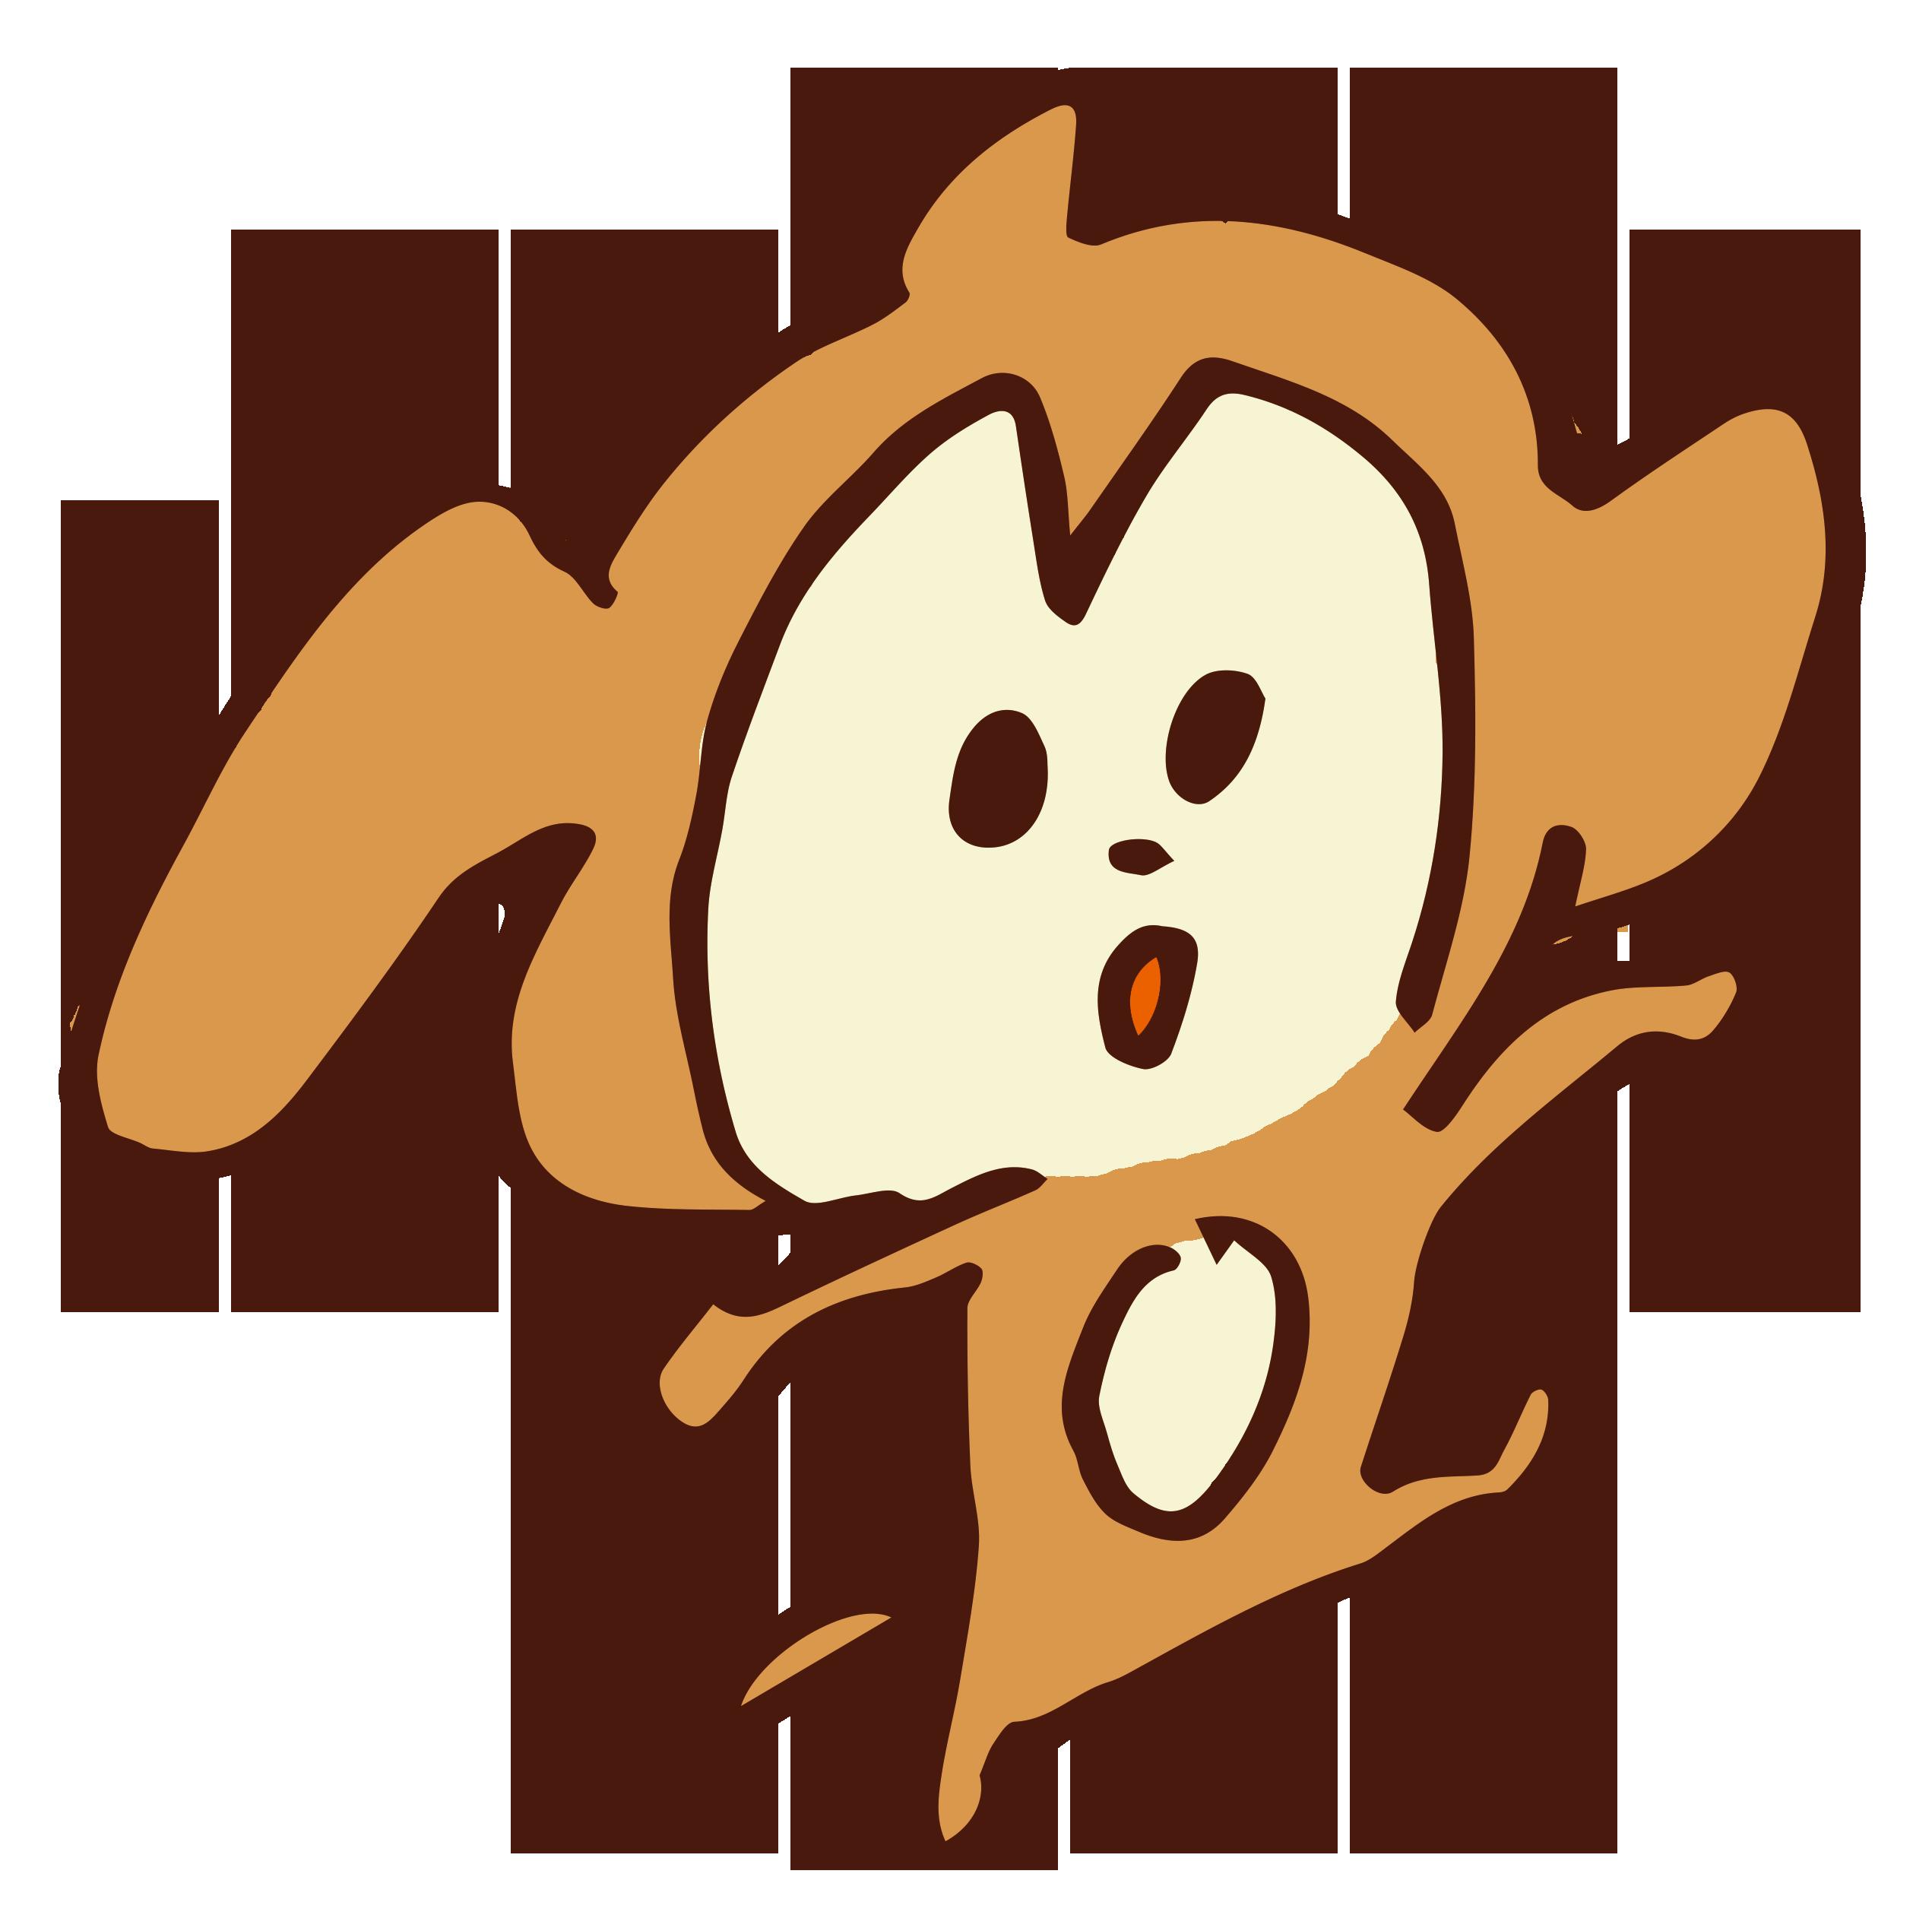 はしゃぐお猿さん